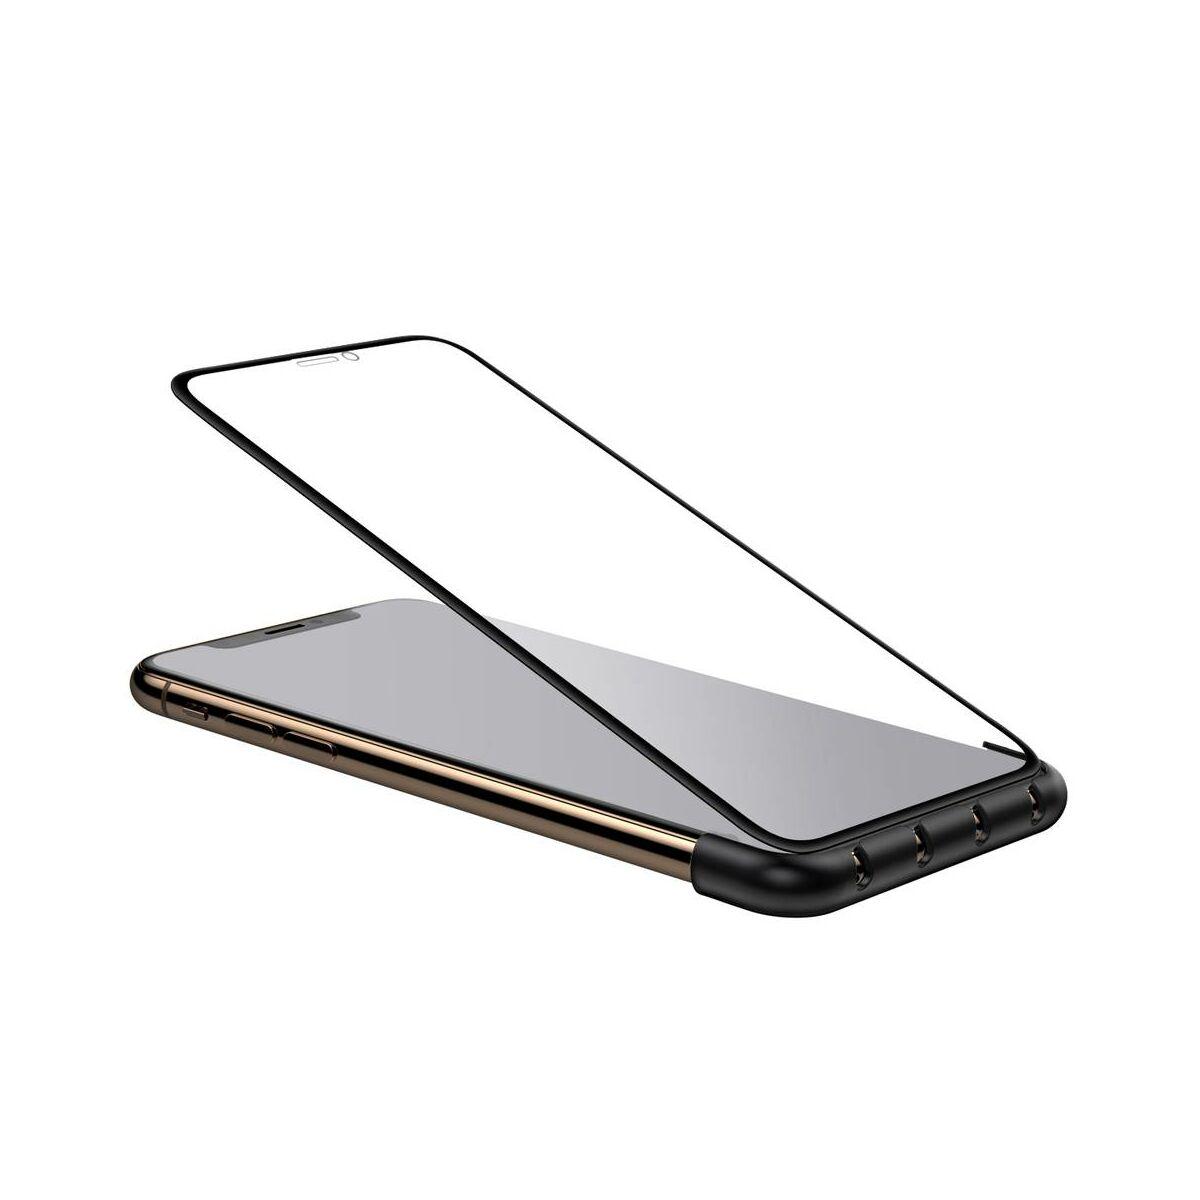 """Baseus Fixing Magic Tool kábeltartó, kijelző felhelyezéshez vezető, iPhone XS Max 6.5"""", fekete (ACAPIPH65-A01)"""